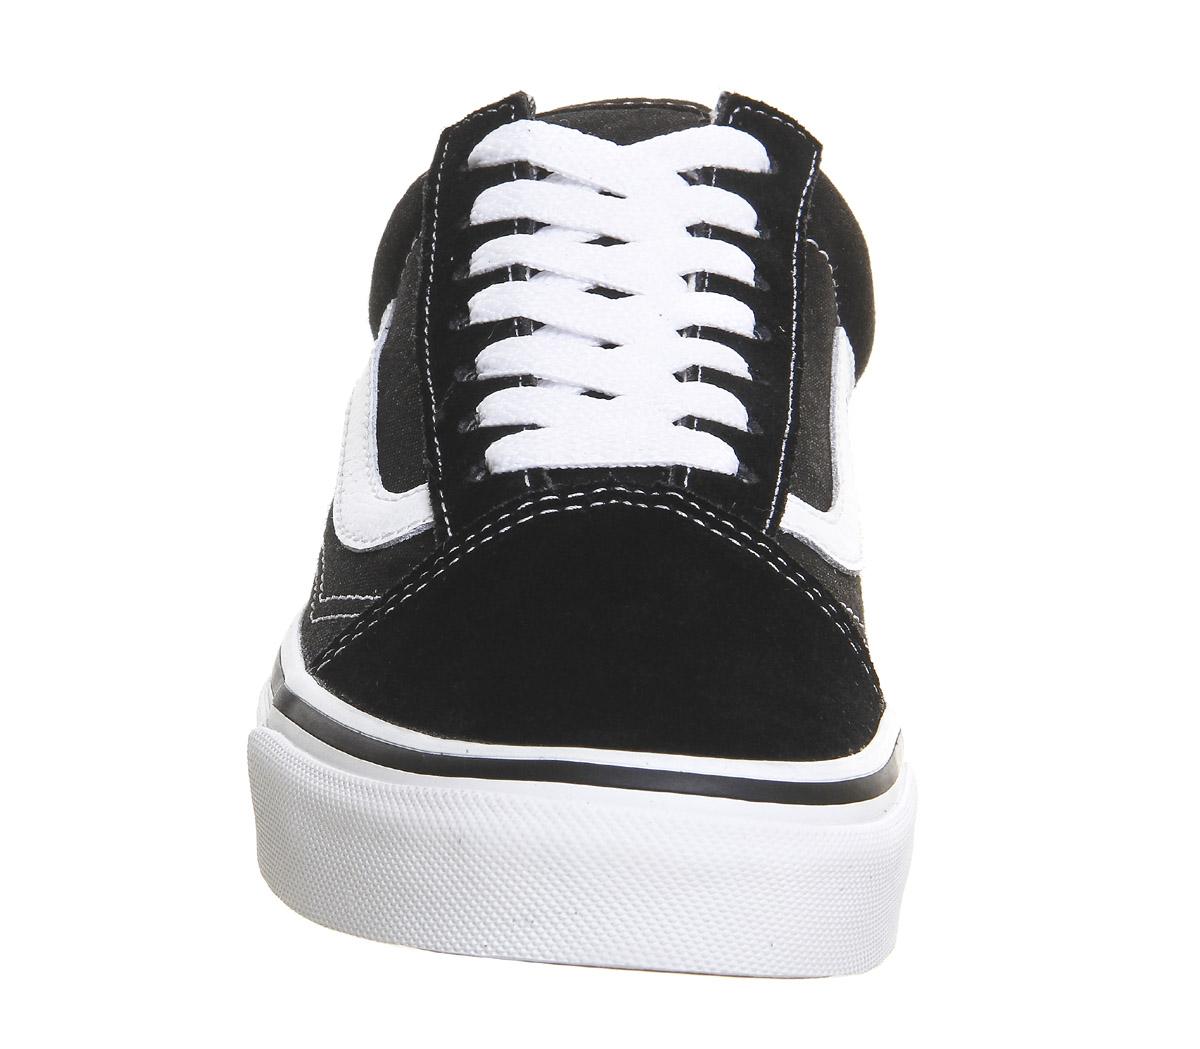 7c888be96 Para-Hombre-Vans-Old-Skool-Negro-Zapatillas-Zapatos miniatura